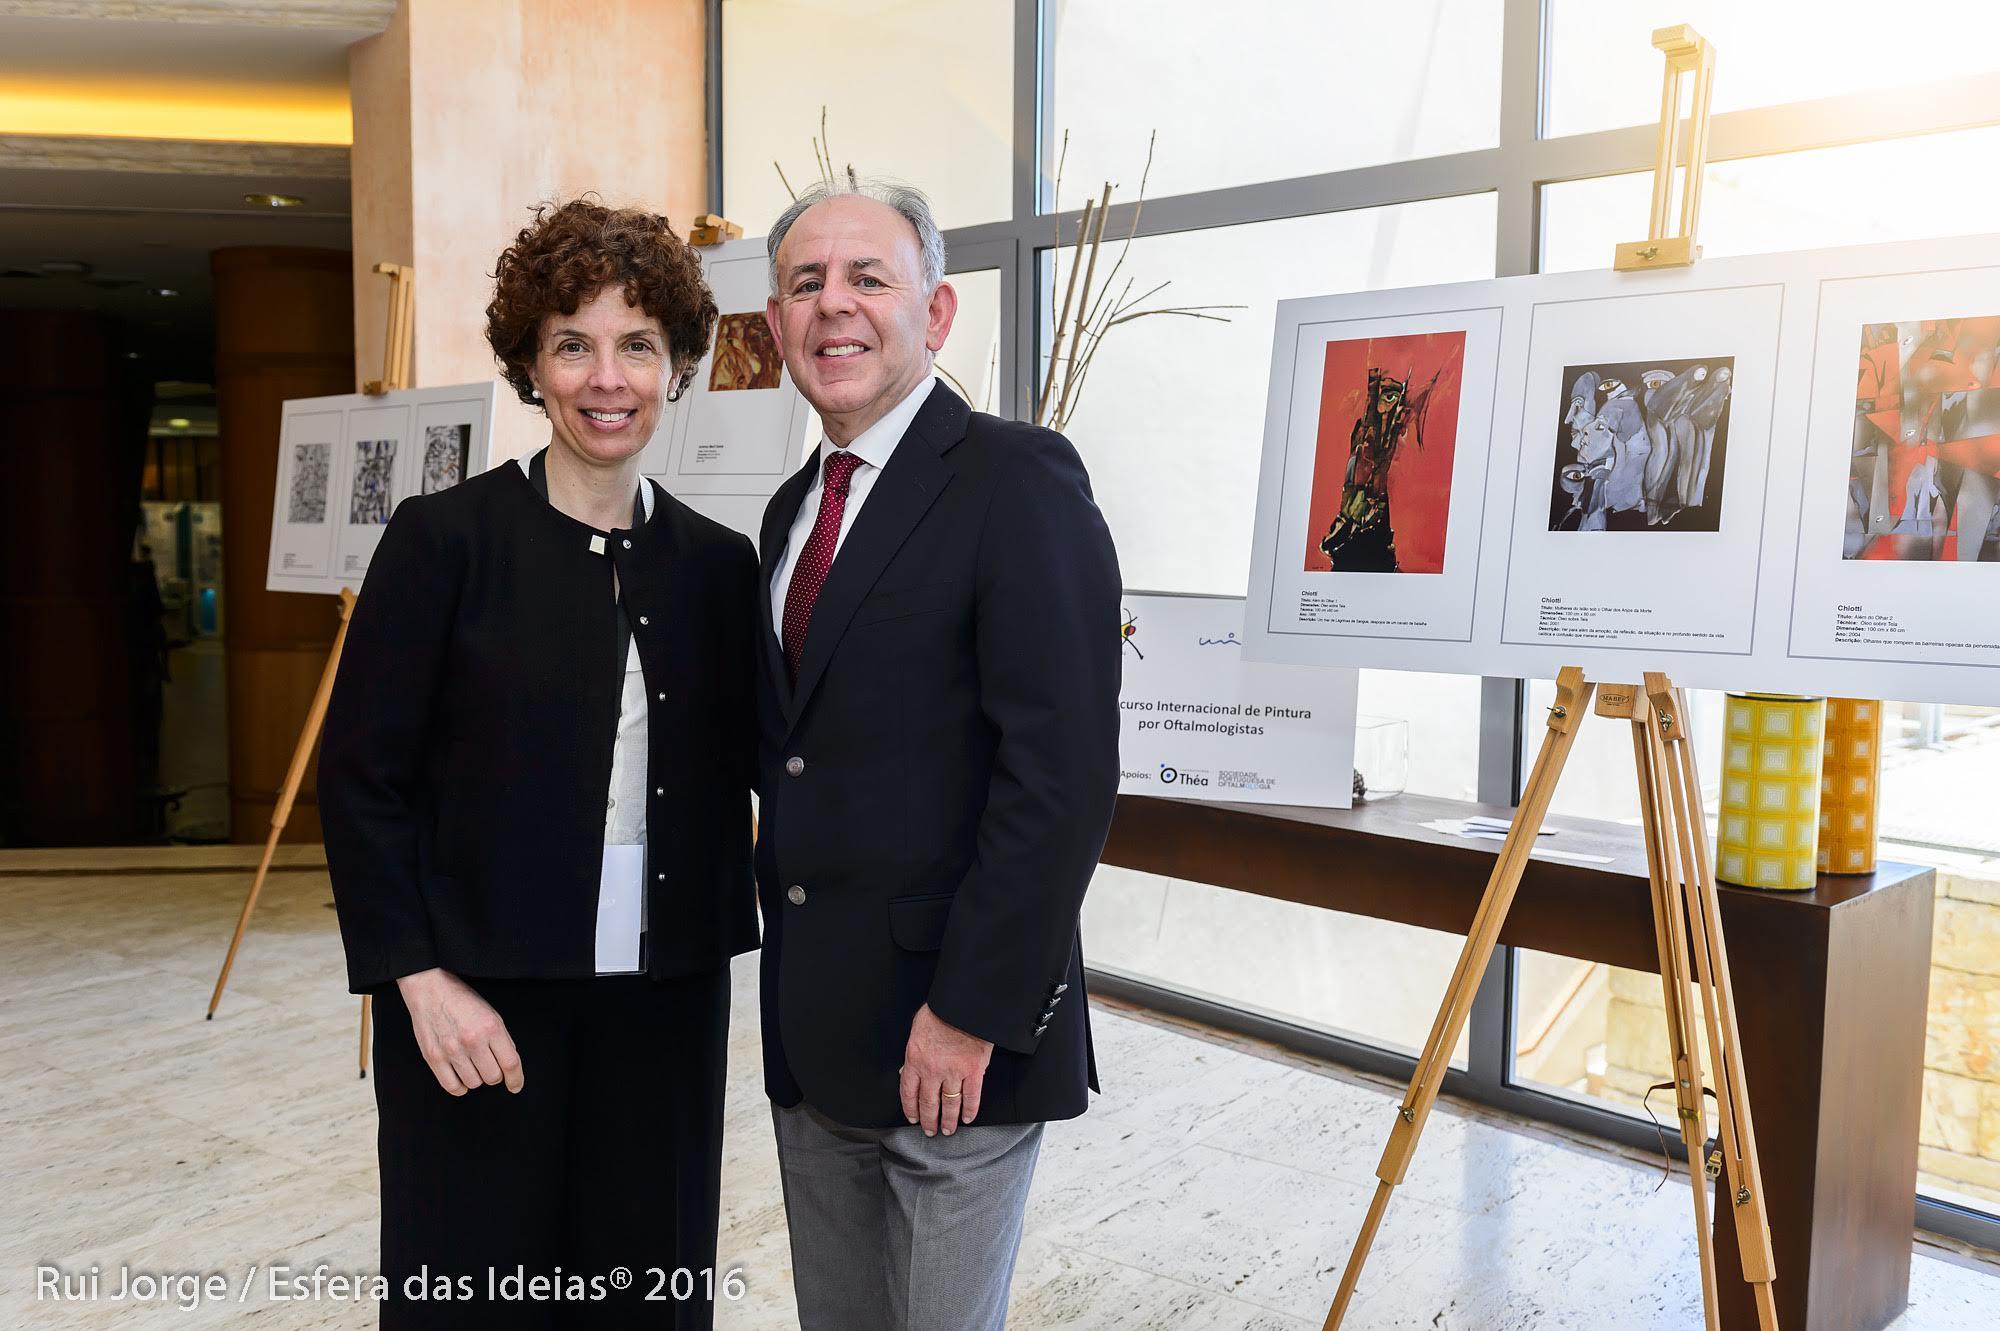 Miradas Concurso Internacional de Pintura (Fundação Alió- Coordenação Portuguesa)